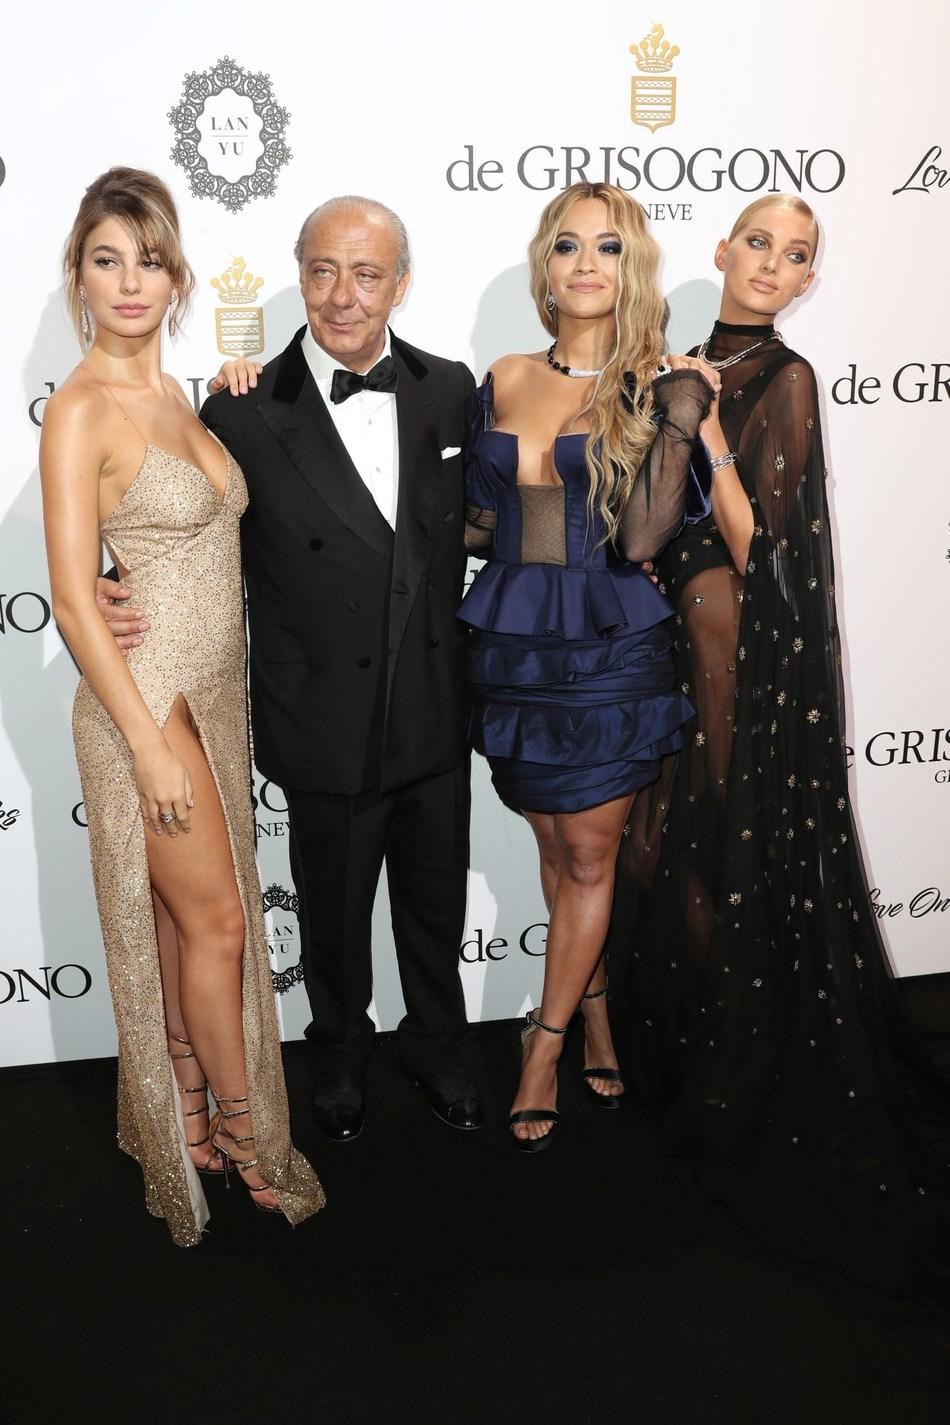 de GRISOGONO Cannes 2017 Camila Morrone & Fawaz Gruosi & Rita Ora & Elsa Hosk (PRNewsfoto/de GRISOGONO)